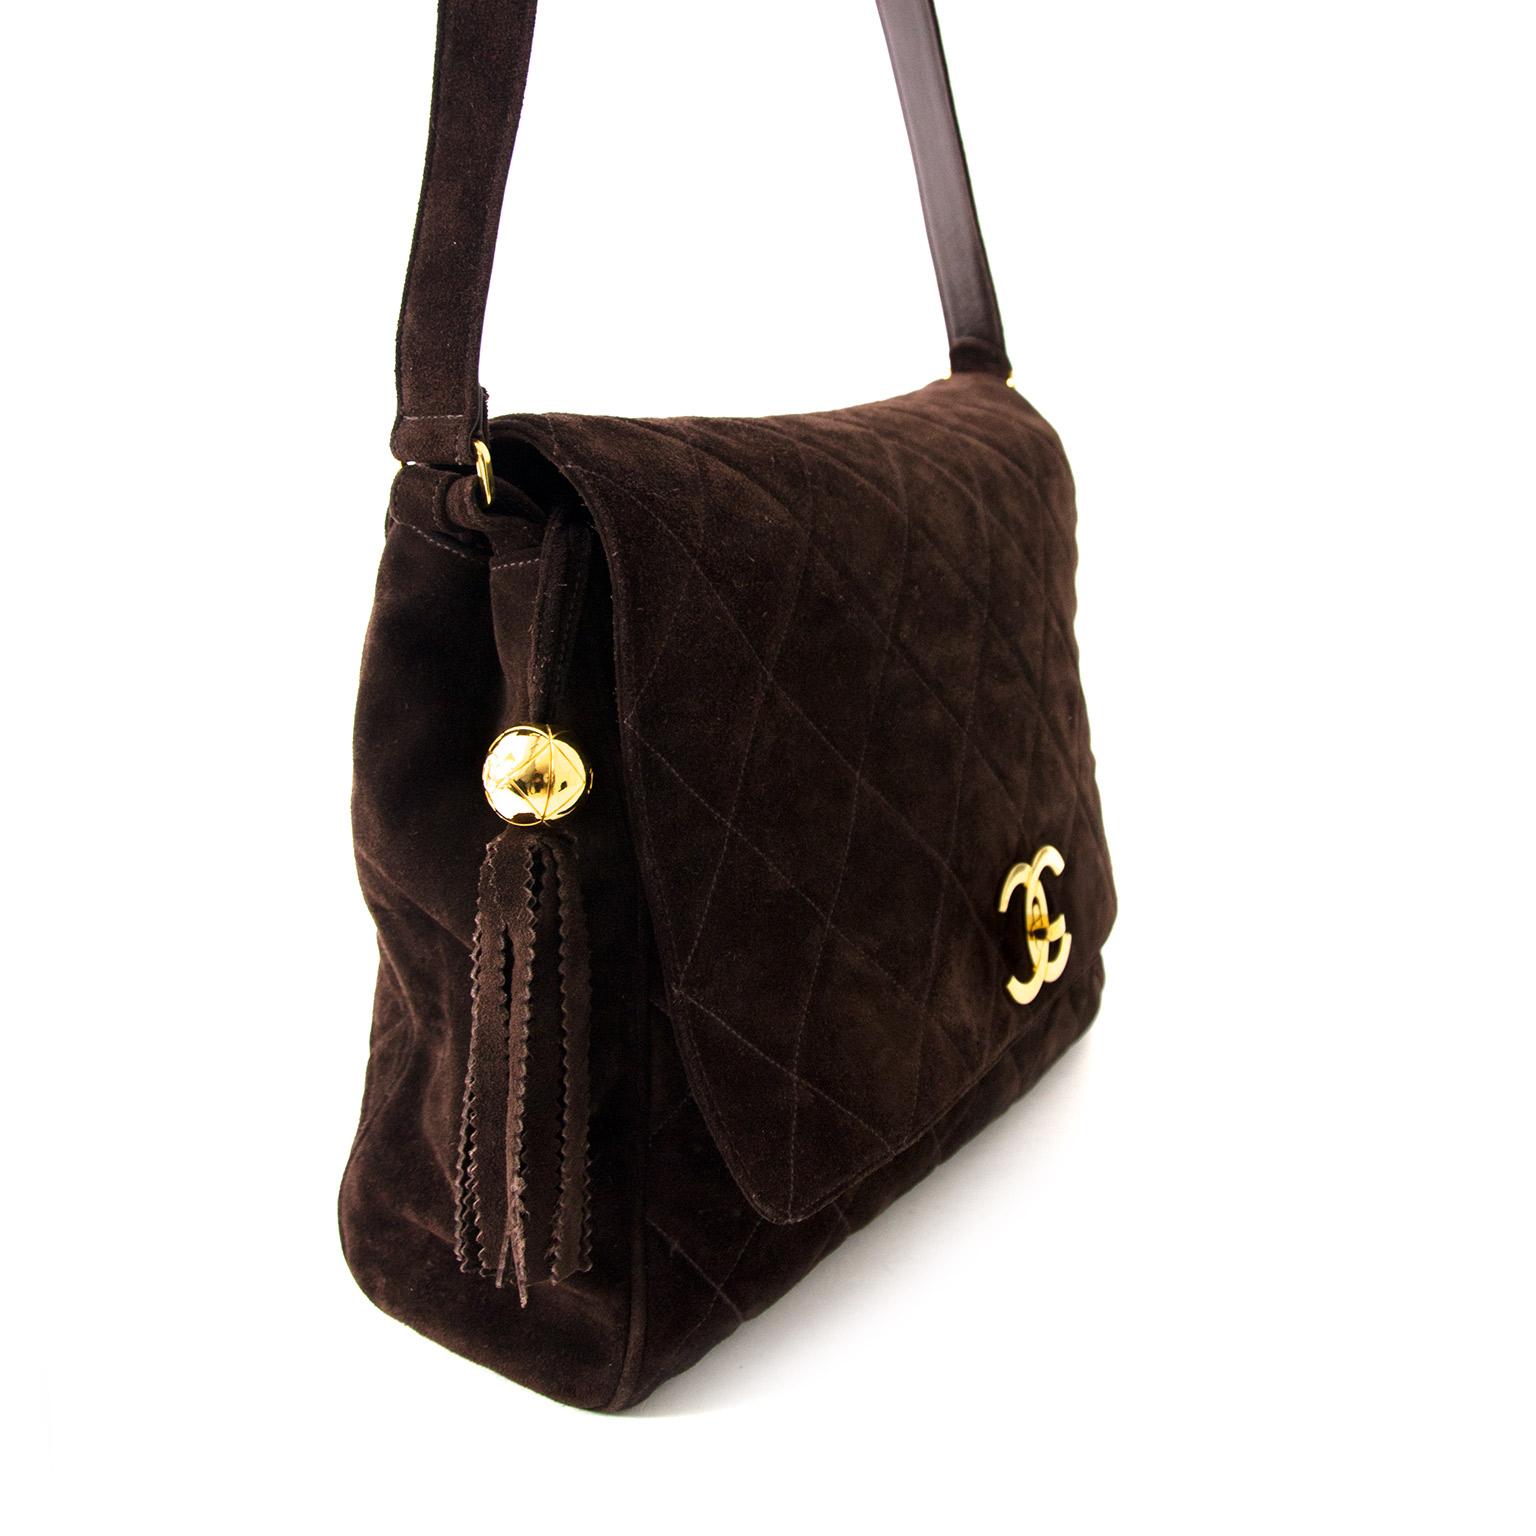 e54b42d63a5f ... acheter enligne Chanel Brown Suede Messenger Bag pour le meilleur prix